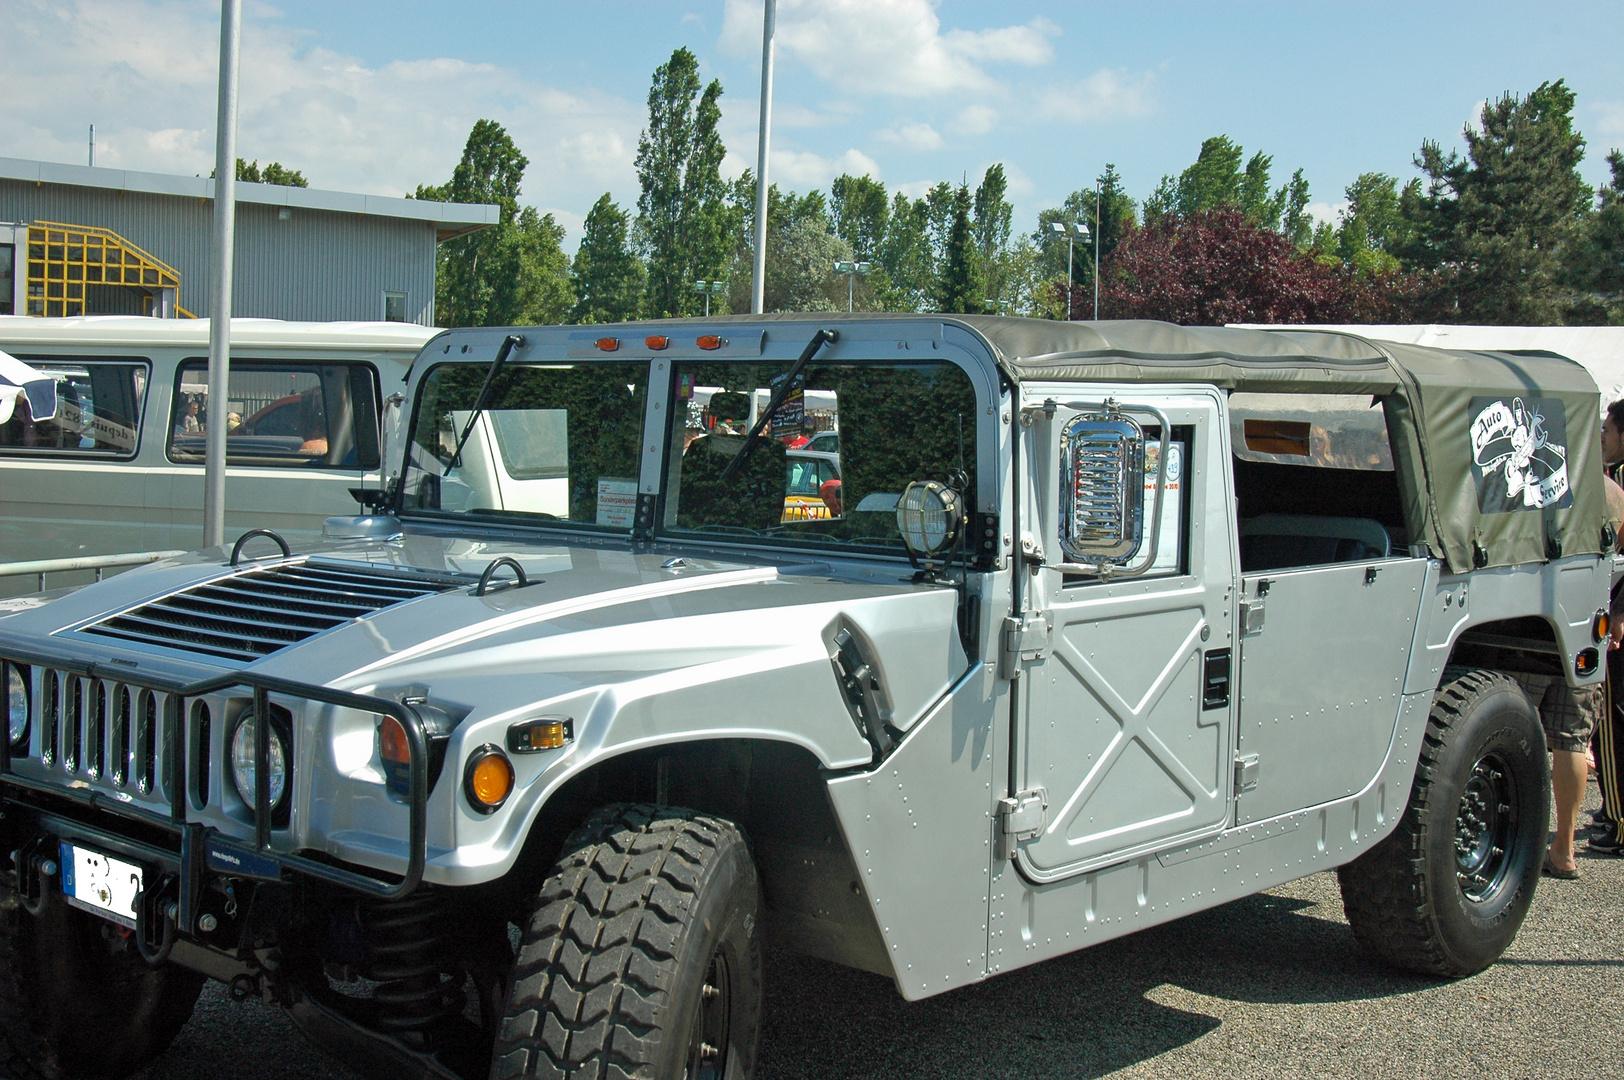 Der Hummer Foto & Bild | autos & zweiräder, geländefahrzeuge ... | hummer i